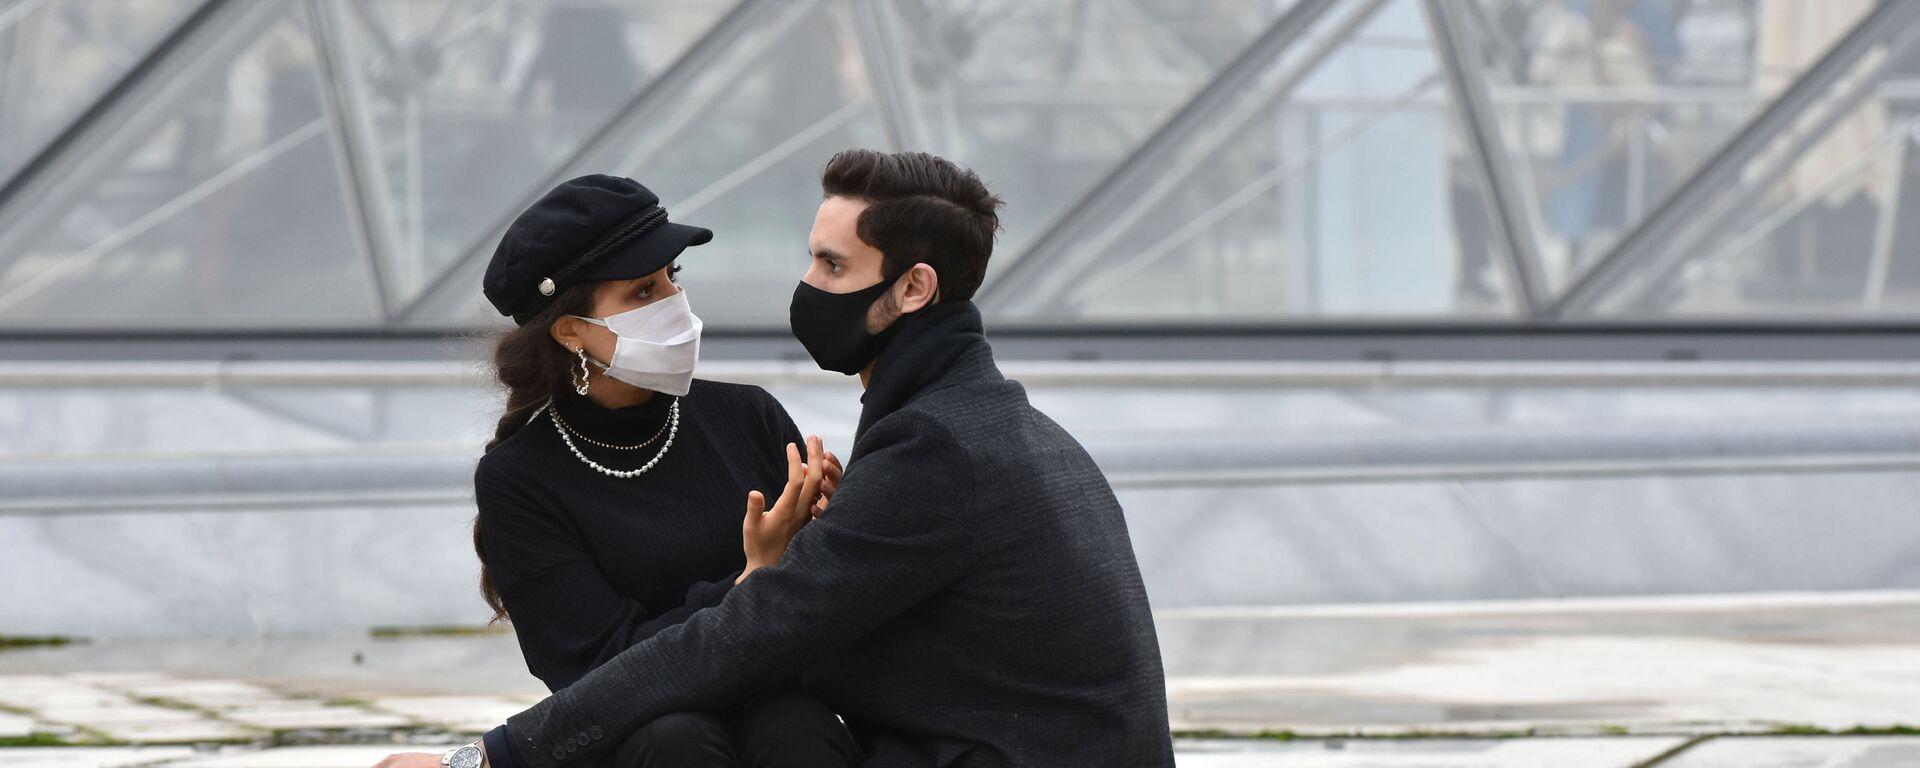 Молодые люди в масках в Париже - Sputnik Česká republika, 1920, 26.07.2021